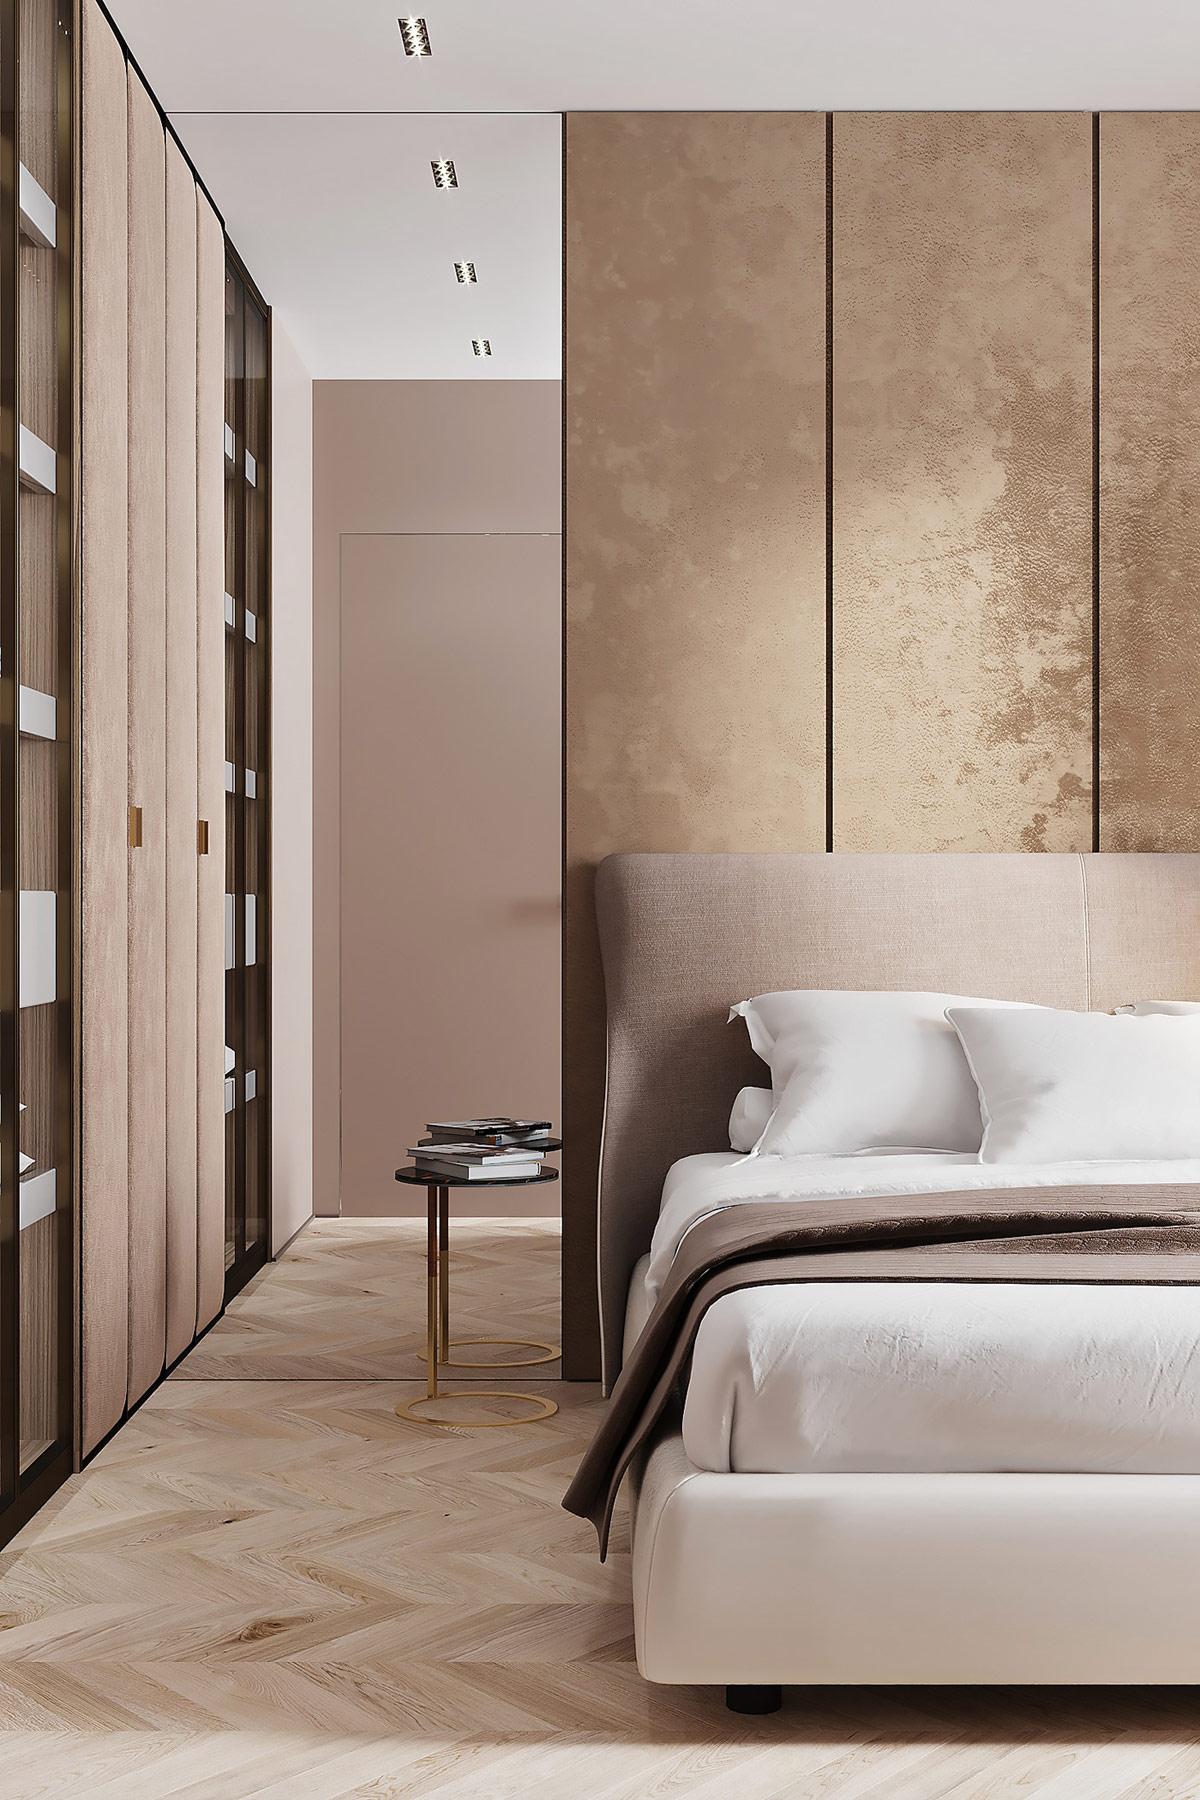 Дерево, Мрамор и Золото в интерьере: фотообзор роскошной квартиры